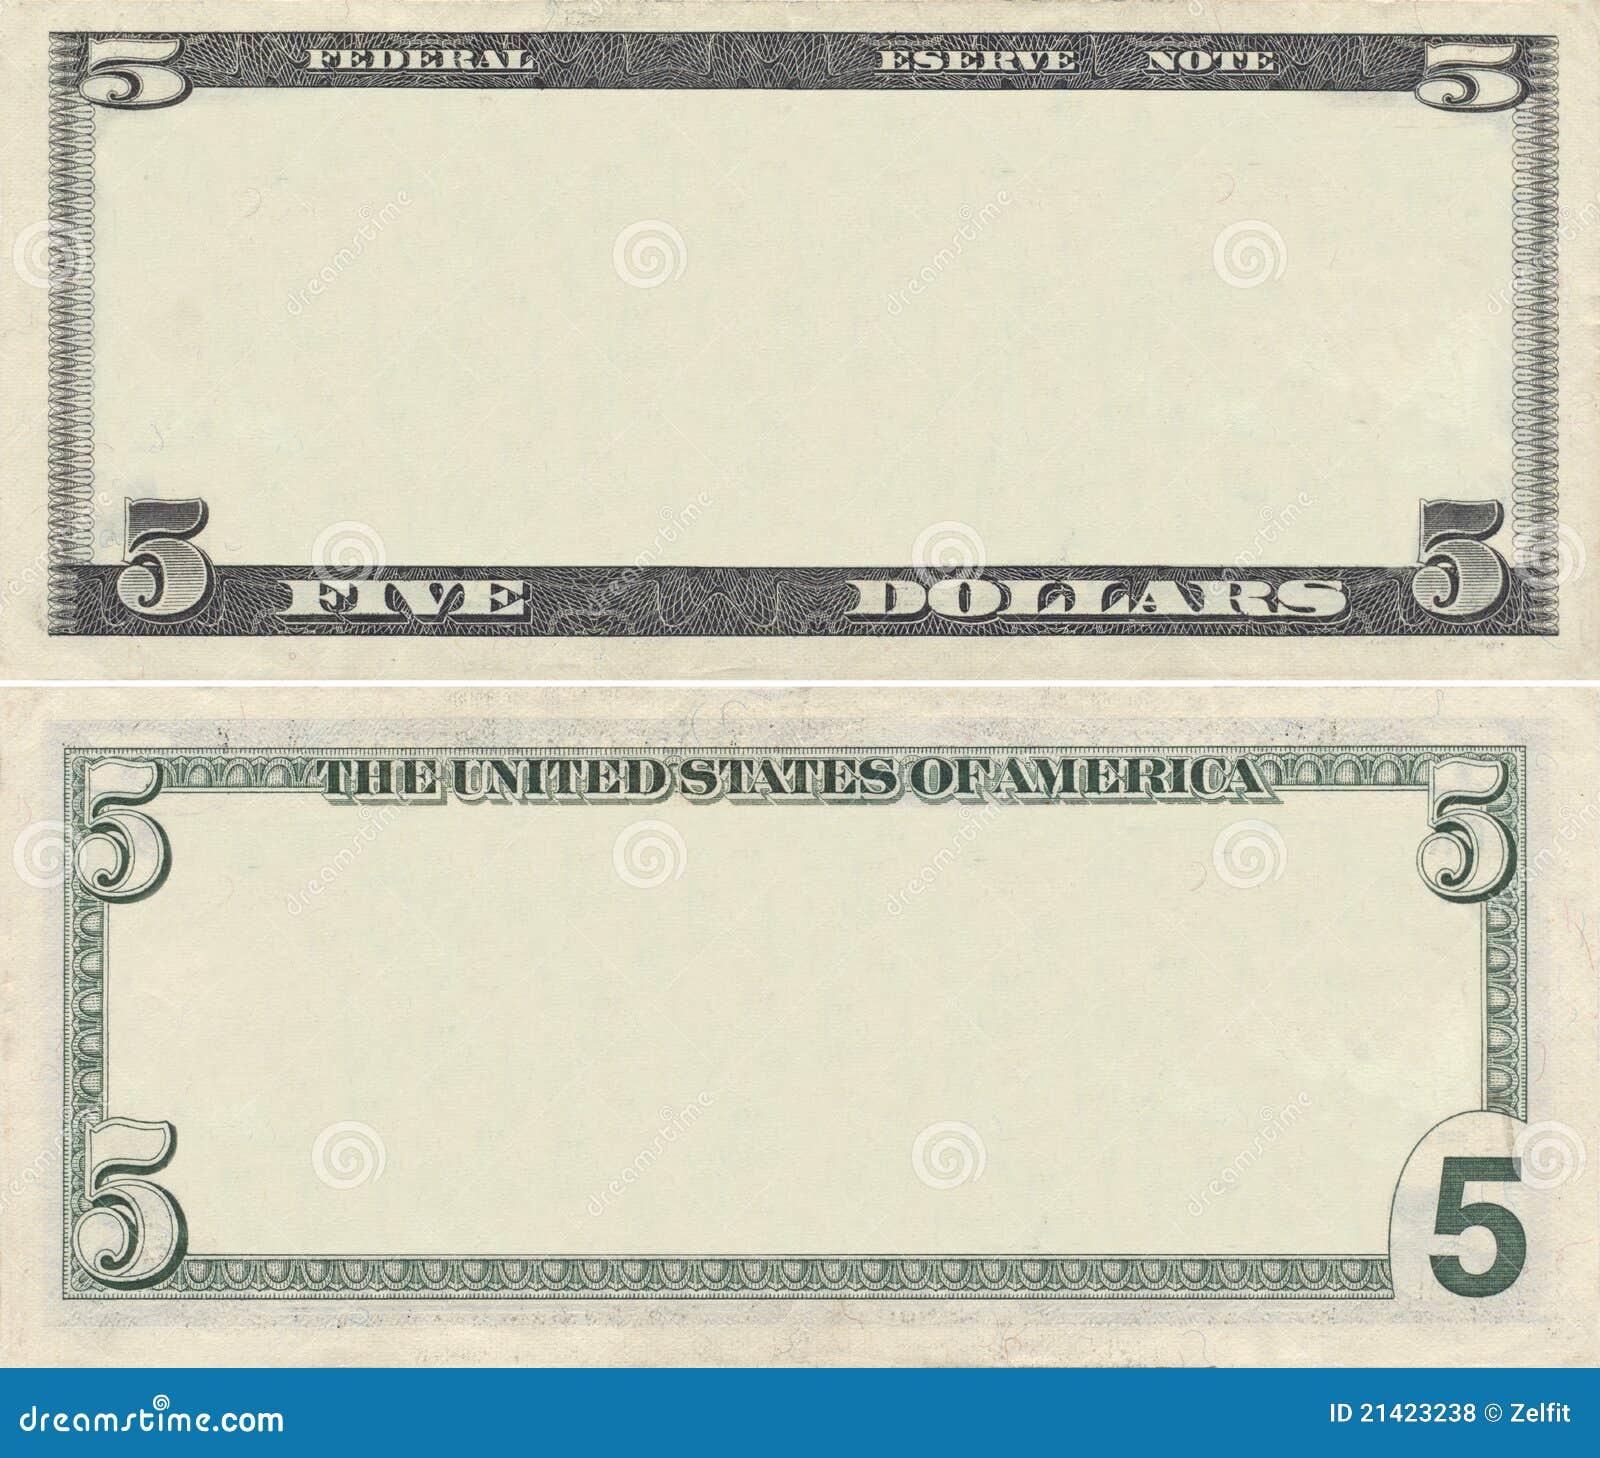 Dollar Bill Coupon Templates Clipart – Blank Coupon Templates